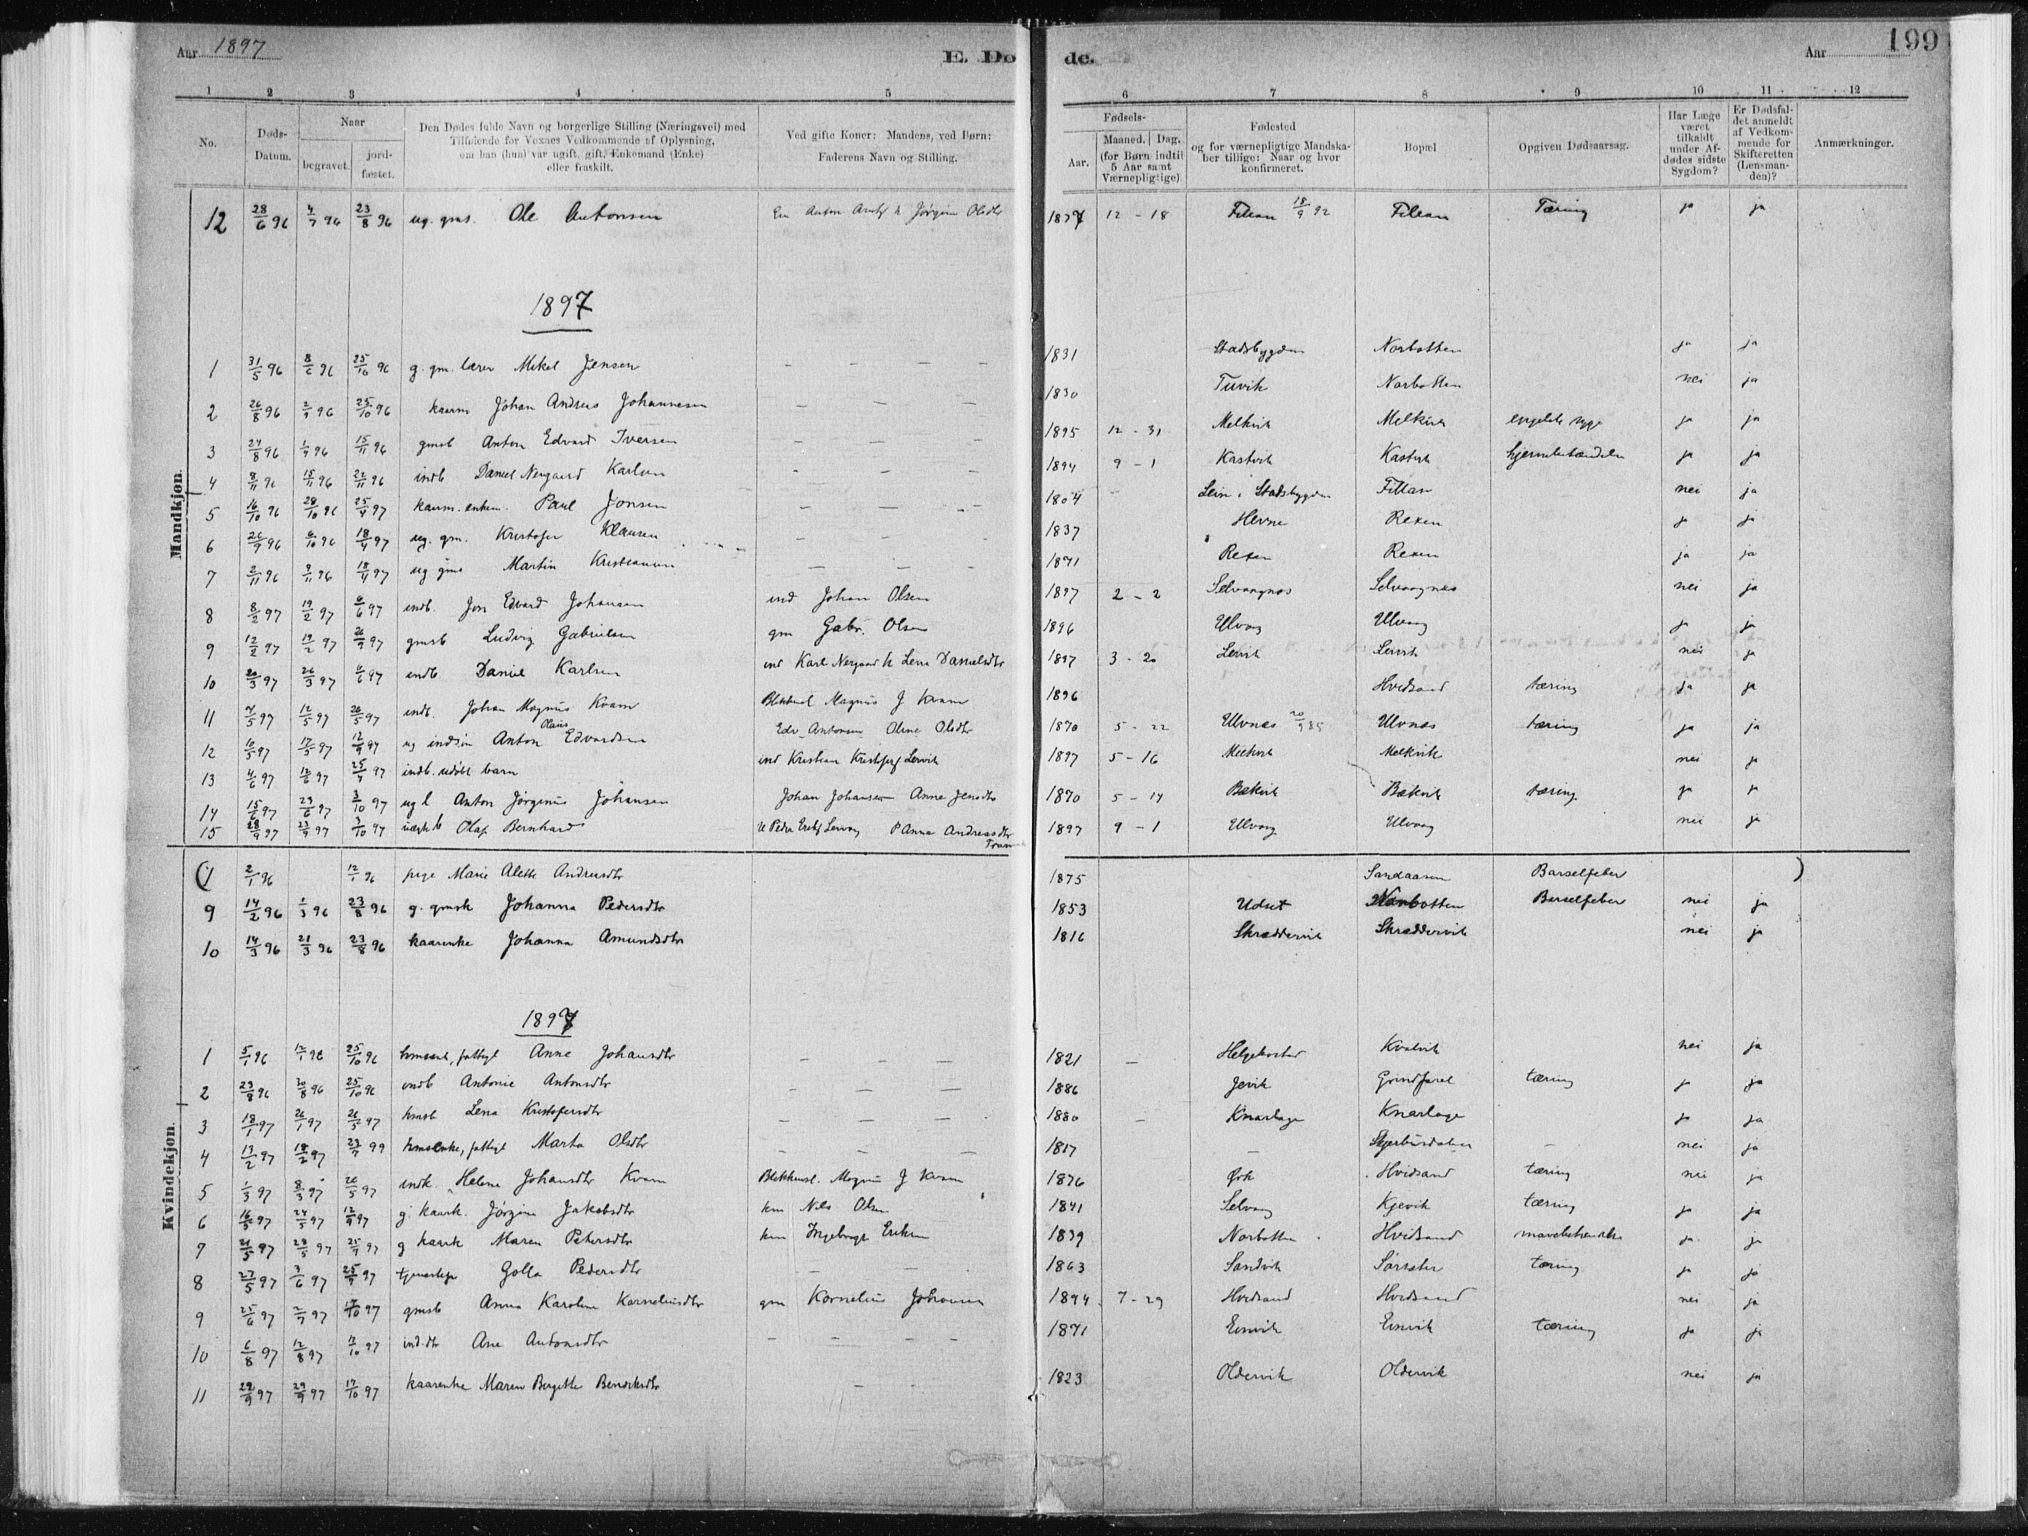 SAT, Ministerialprotokoller, klokkerbøker og fødselsregistre - Sør-Trøndelag, 637/L0558: Ministerialbok nr. 637A01, 1882-1899, s. 199